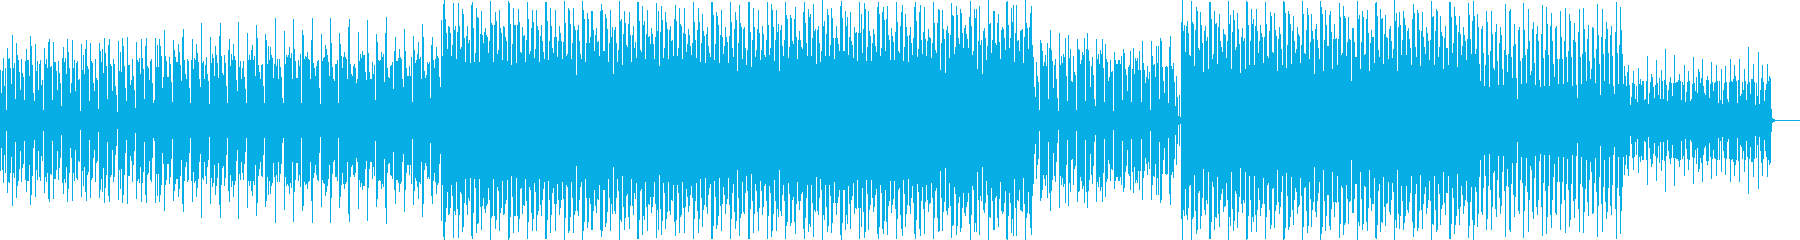 テンションビルダー。クレイジーハッ...の再生済みの波形